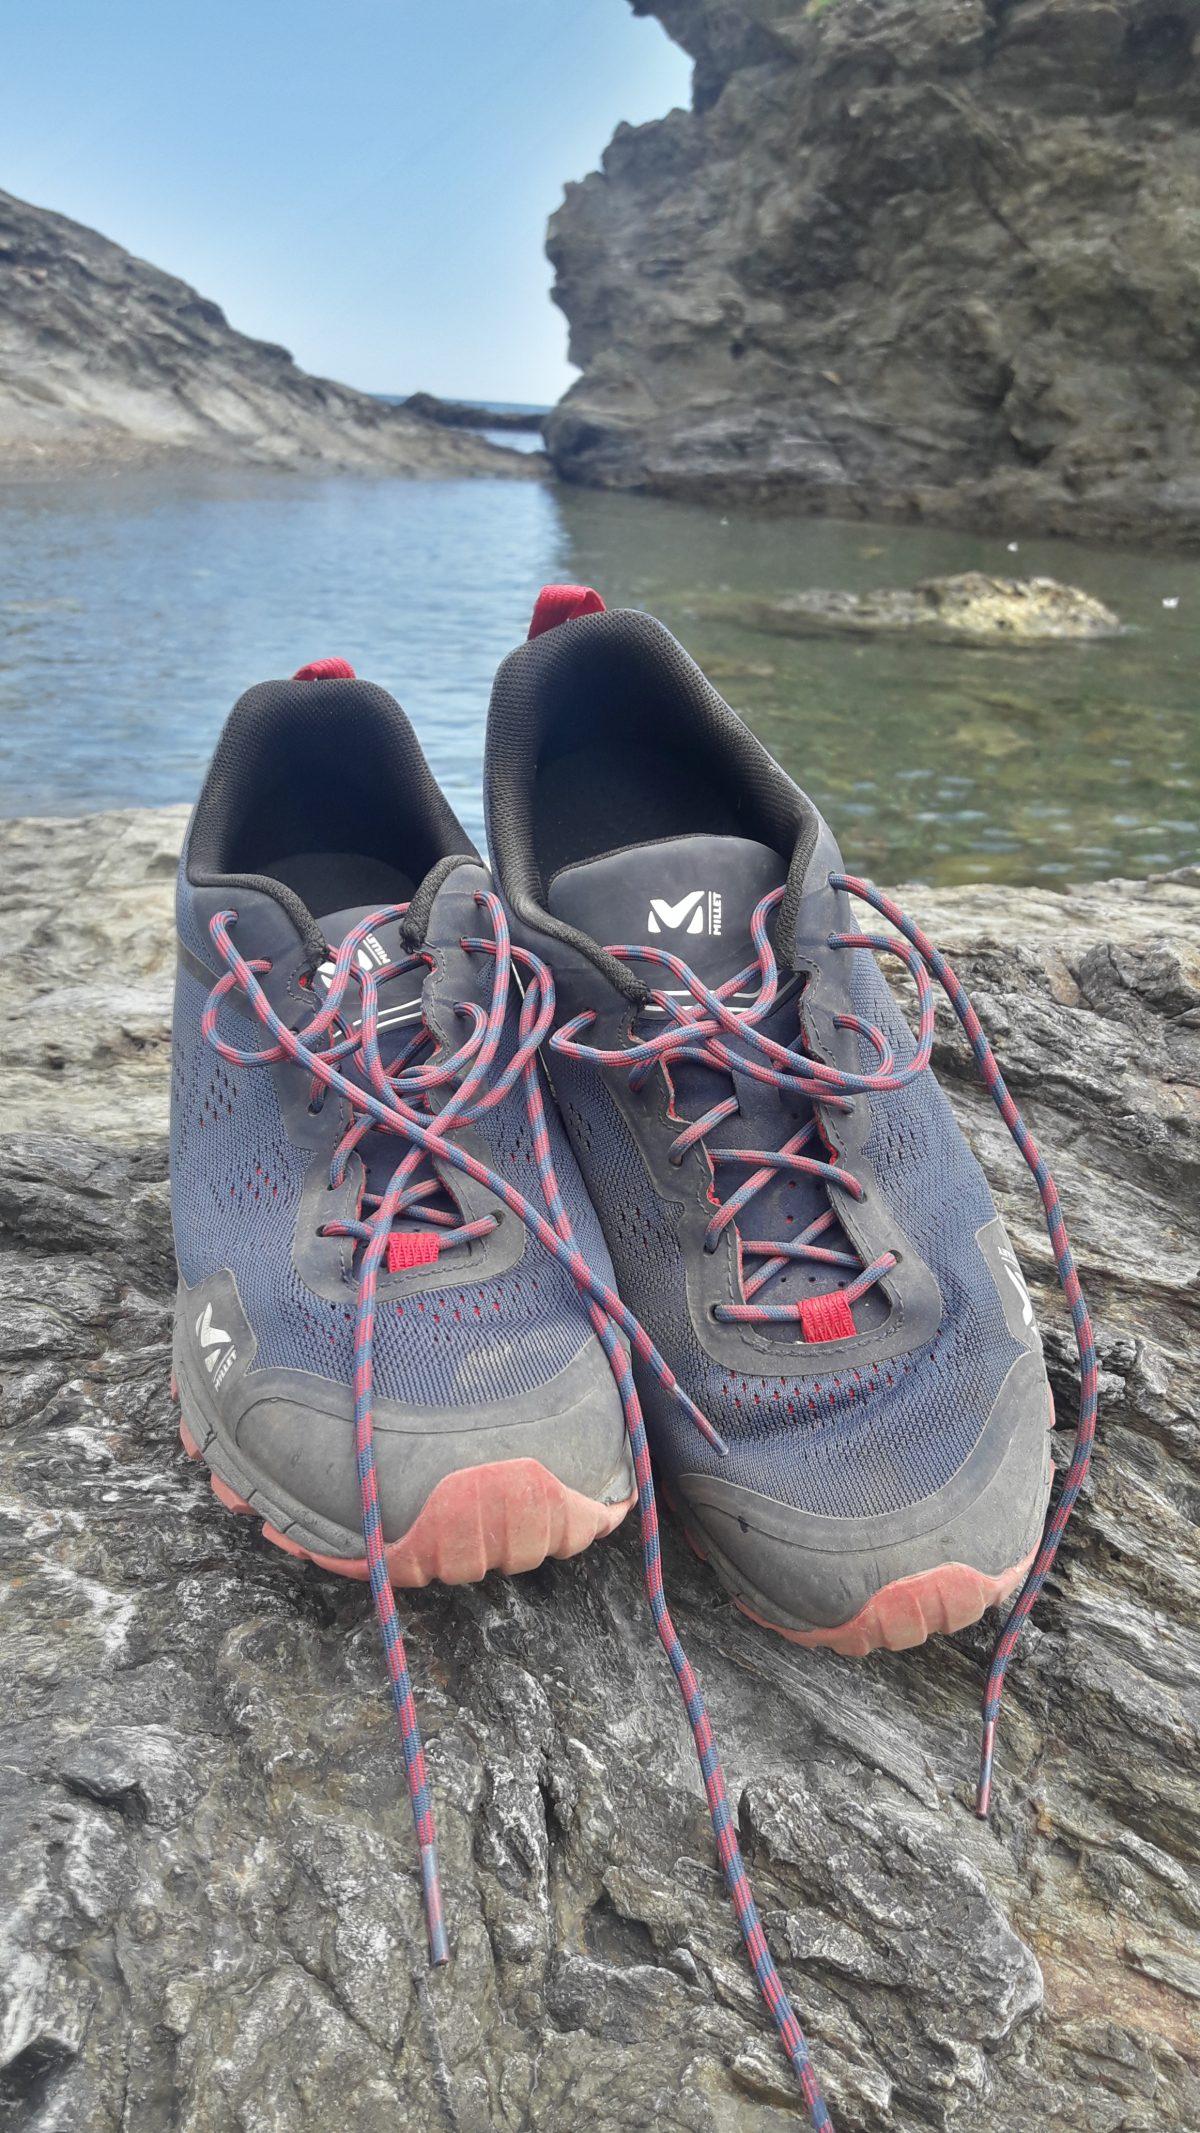 chaussures de randonnée Millet